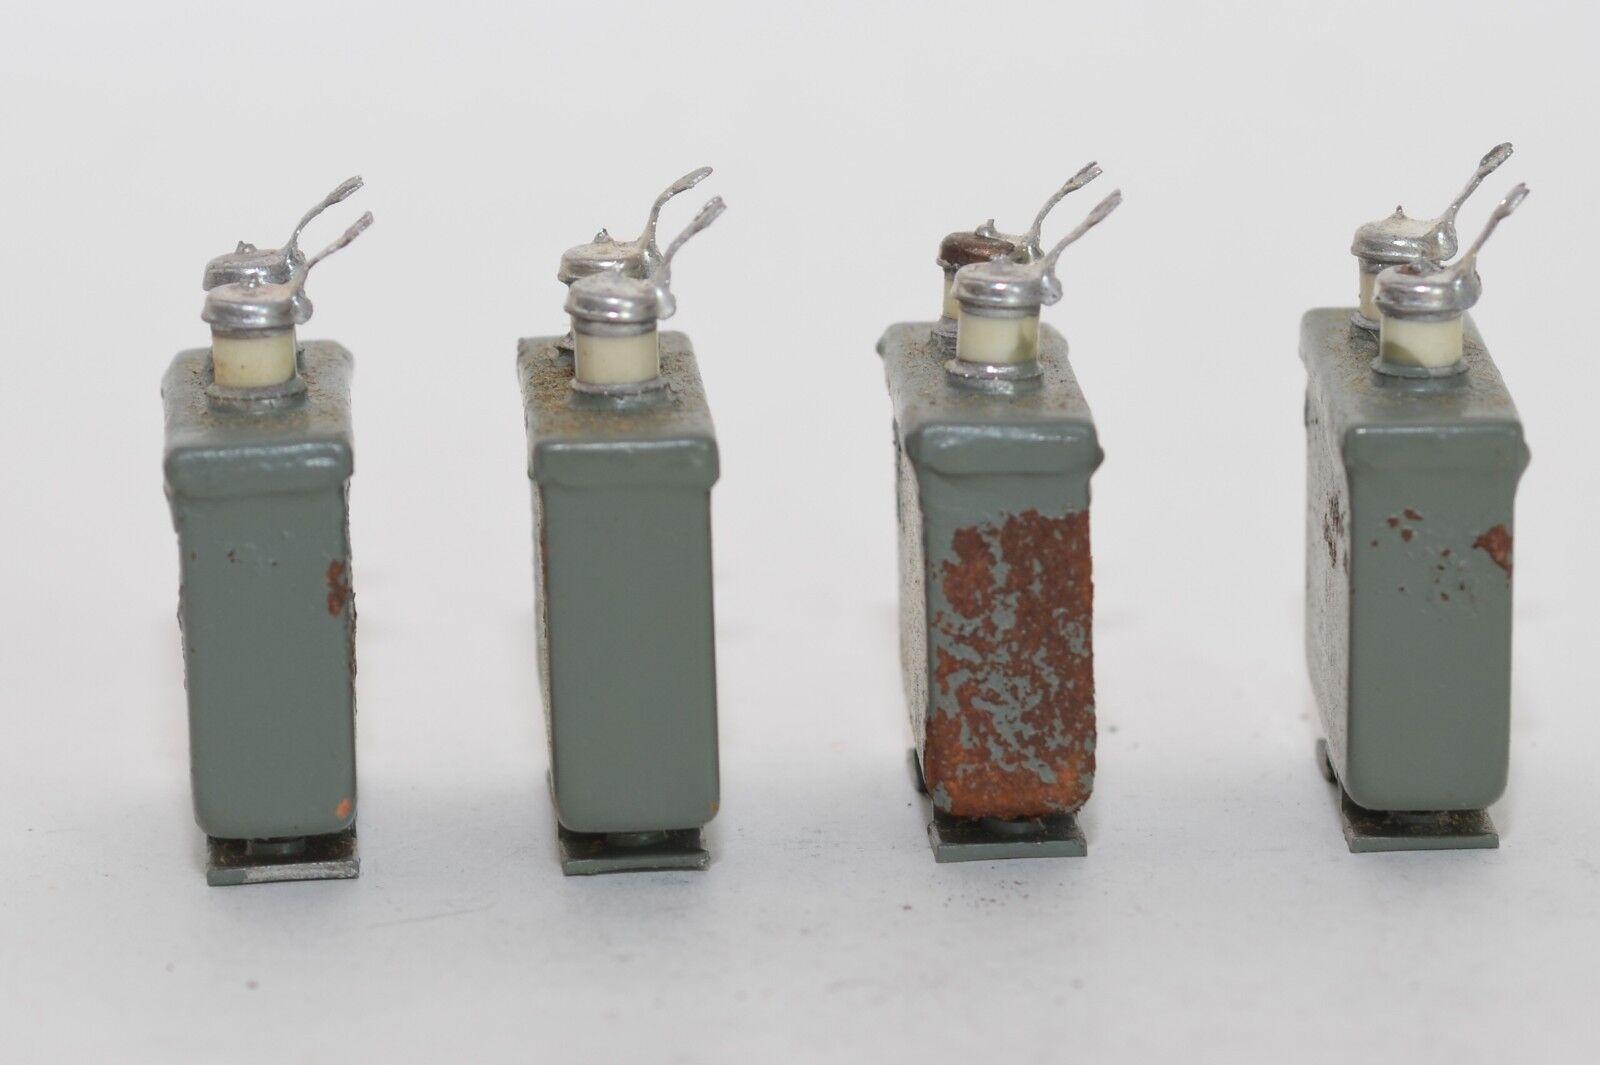 Vintage MP-Kondensator von Bosch NOS 0.1 µF // 250 V DIN Audio PIO Capacitor